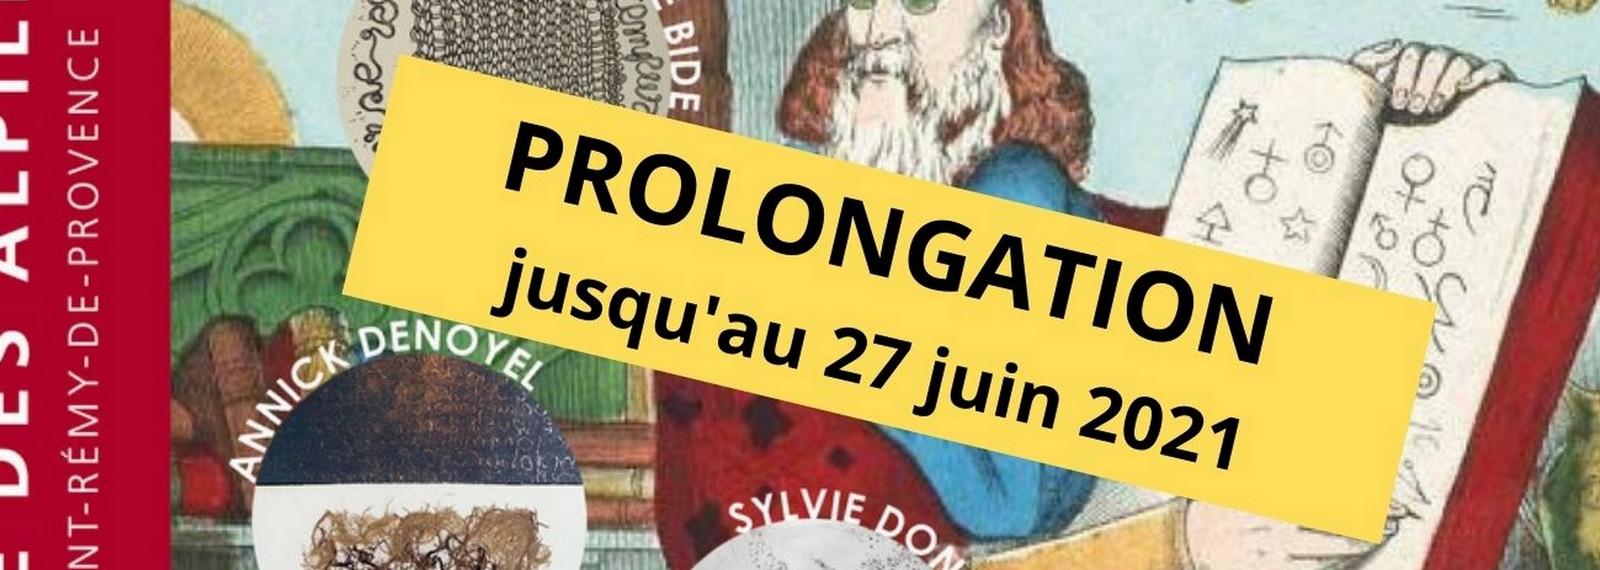 Exposition Nostradamus au Musée des Alpilles à Saint-Rémy-de-Provence